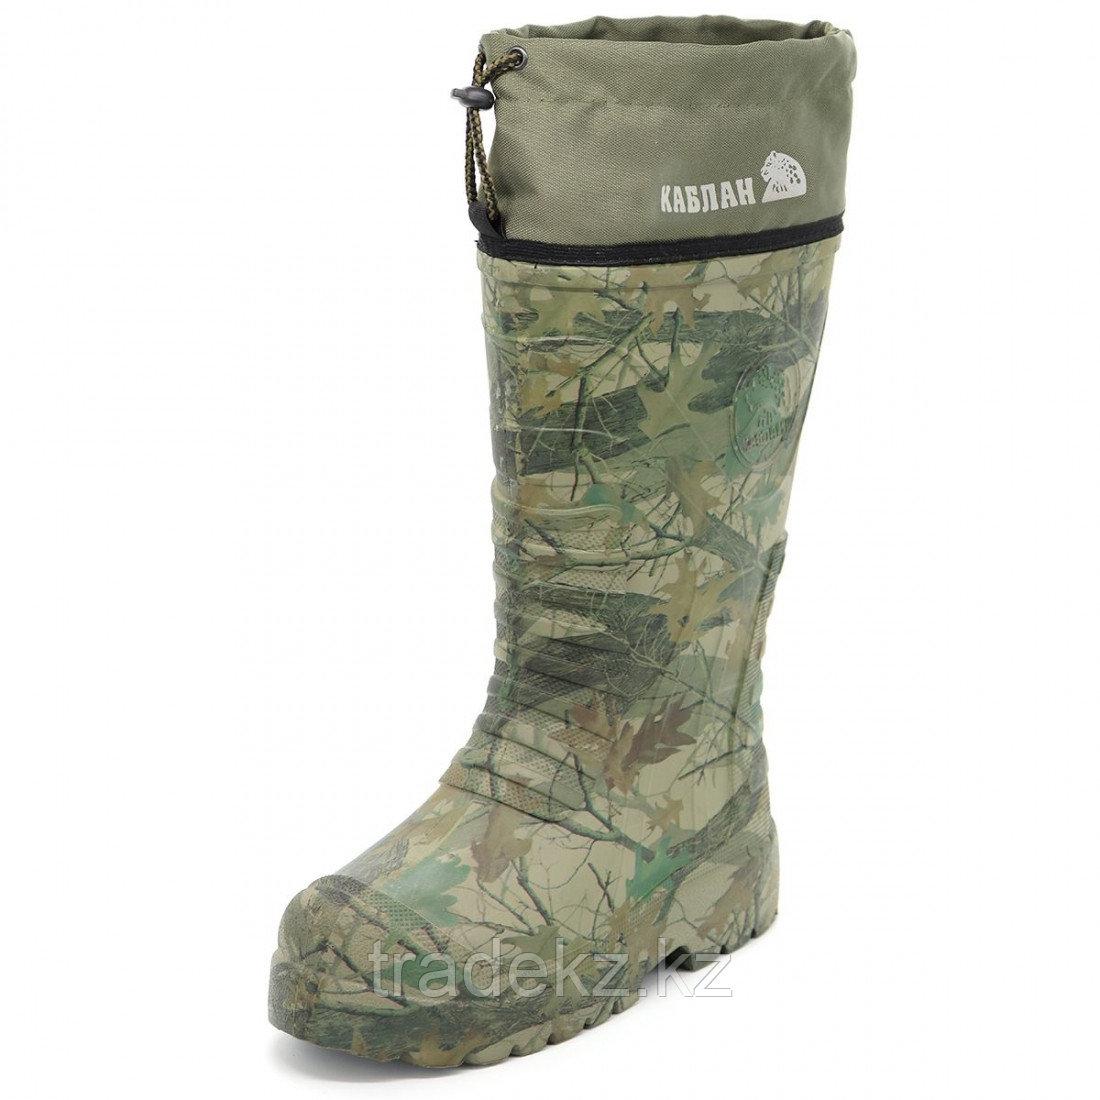 Обувь, сапоги для охоты и рыбалки EVASHOES КАБЛАН ПРИНТ (-55°C), лес, размер 41